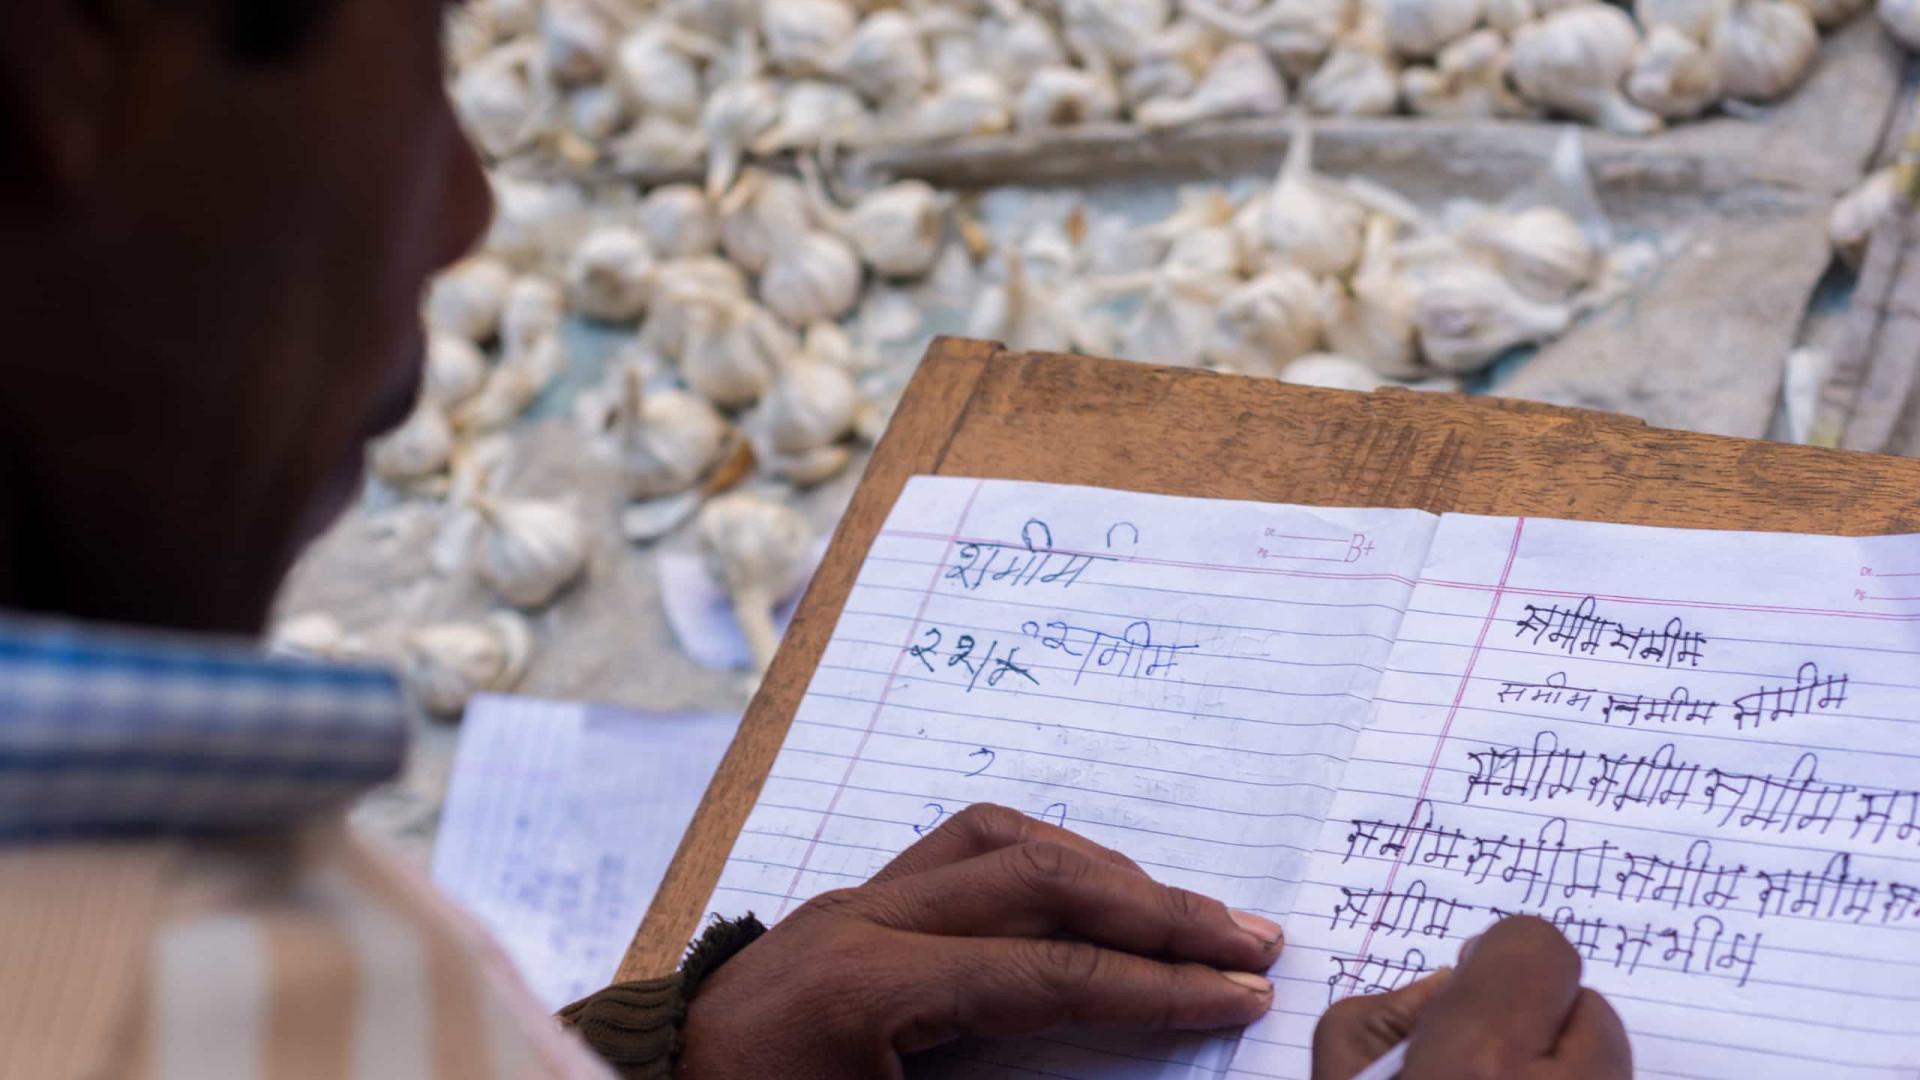 Taxa cai levemente, mas Brasil ainda tem 11 milhões de analfabetos